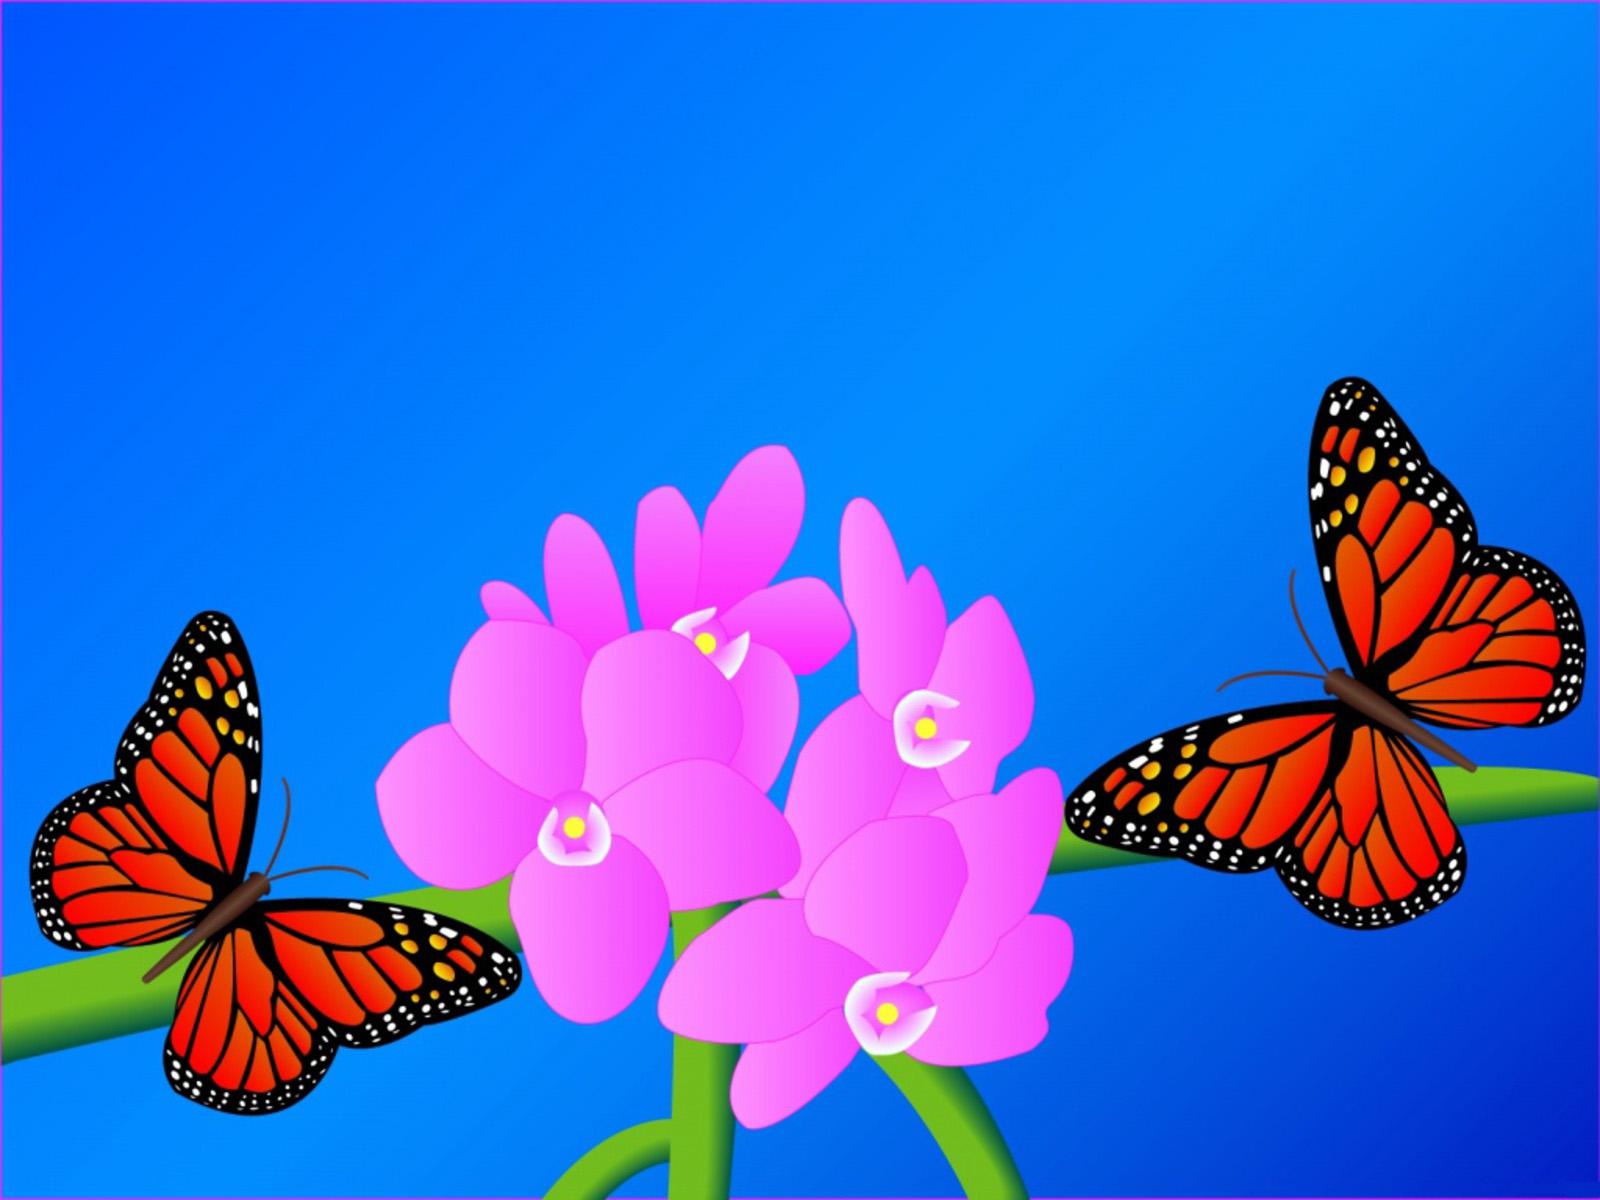 http://3.bp.blogspot.com/-wQr2SjA7OLc/TzmBYKQPO5I/AAAAAAAAEZQ/lD2RrryBPuM/s1600/The-best-top-desktop-butterflies-wallpaper-hd-butterfly-wallpaper-13.jpg